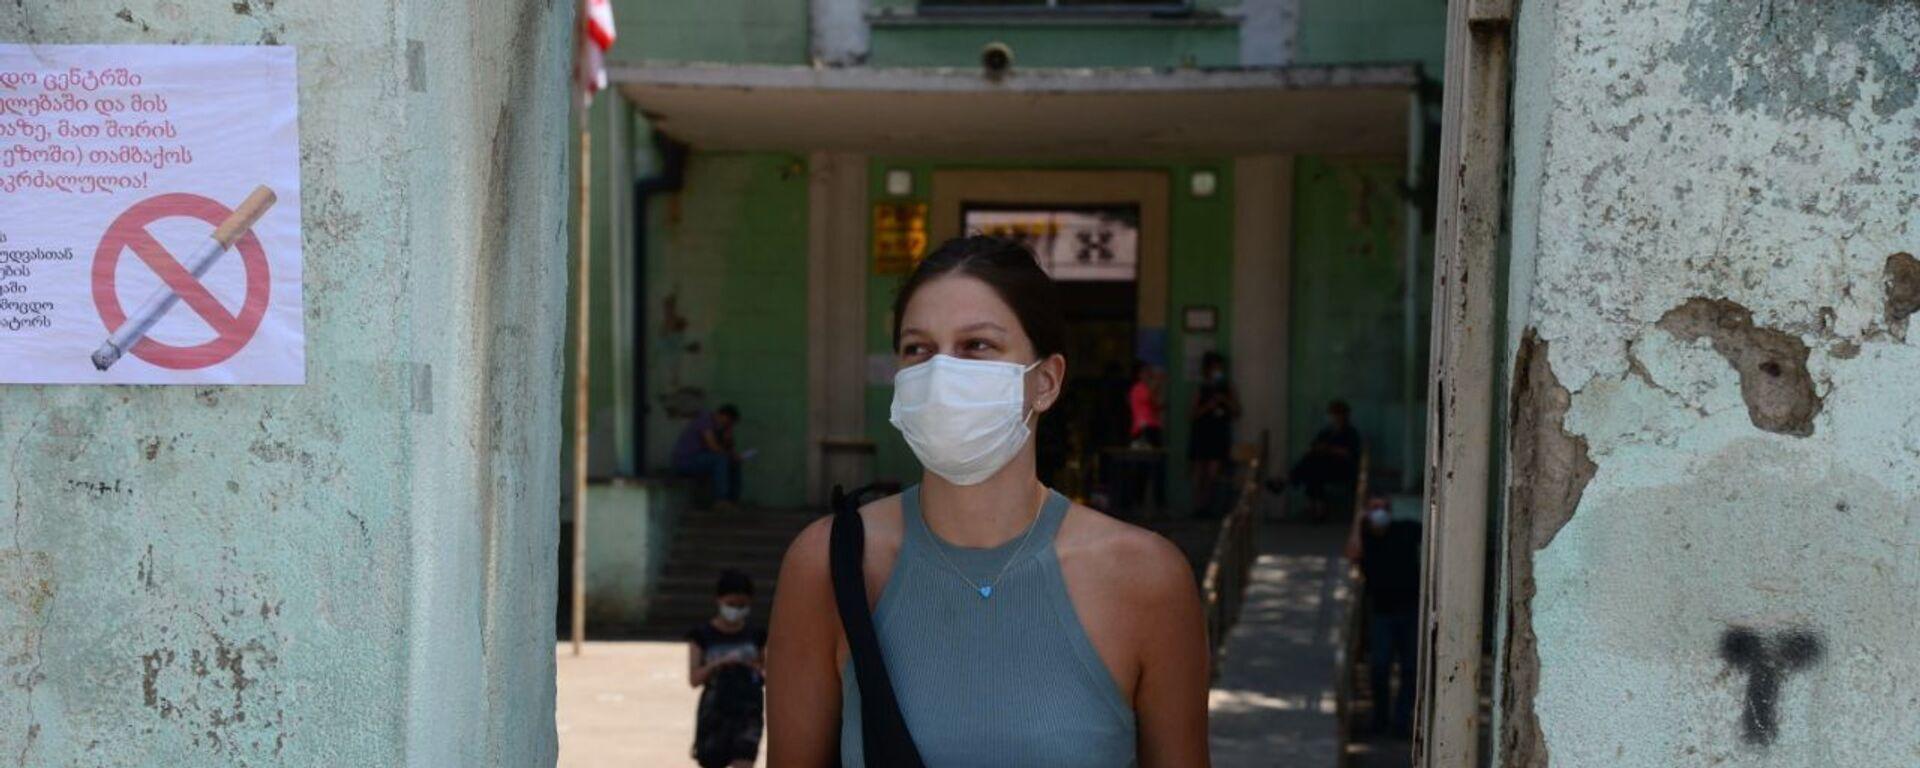 Эпидемия коронавируса - девушка в маске - Sputnik Грузия, 1920, 23.08.2021